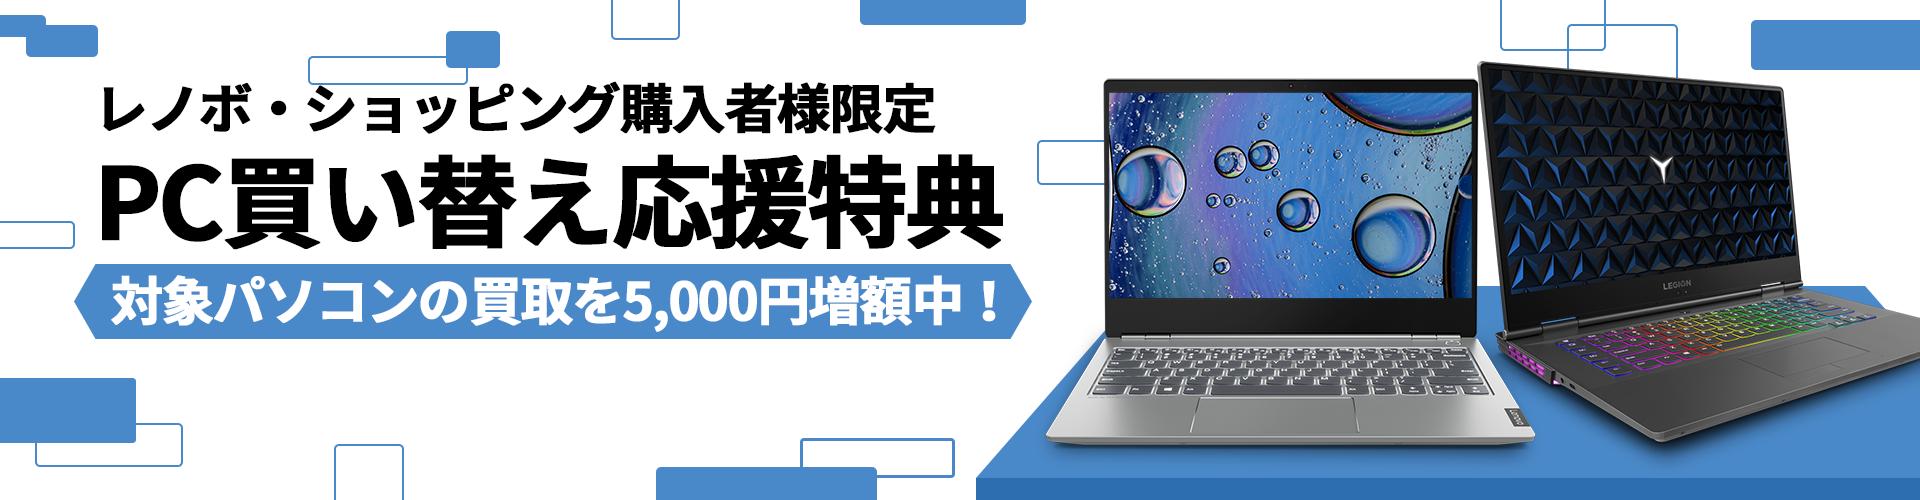 レノボ・ショッピング購入者様限定 PC買い替え応援特典